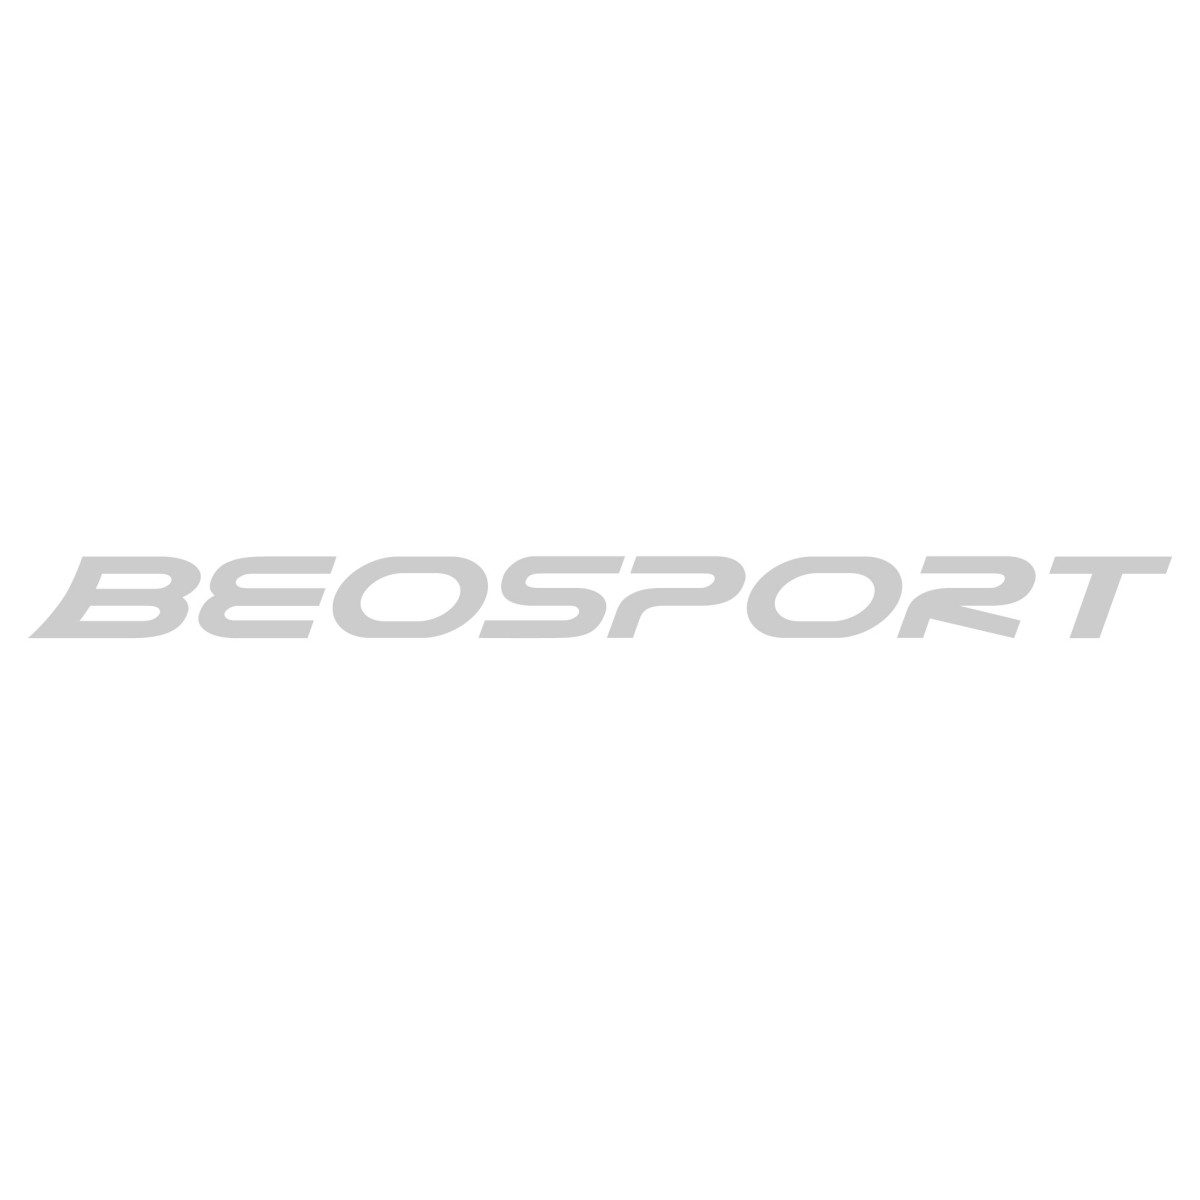 Skechers Elite Flex - Hartnell patike